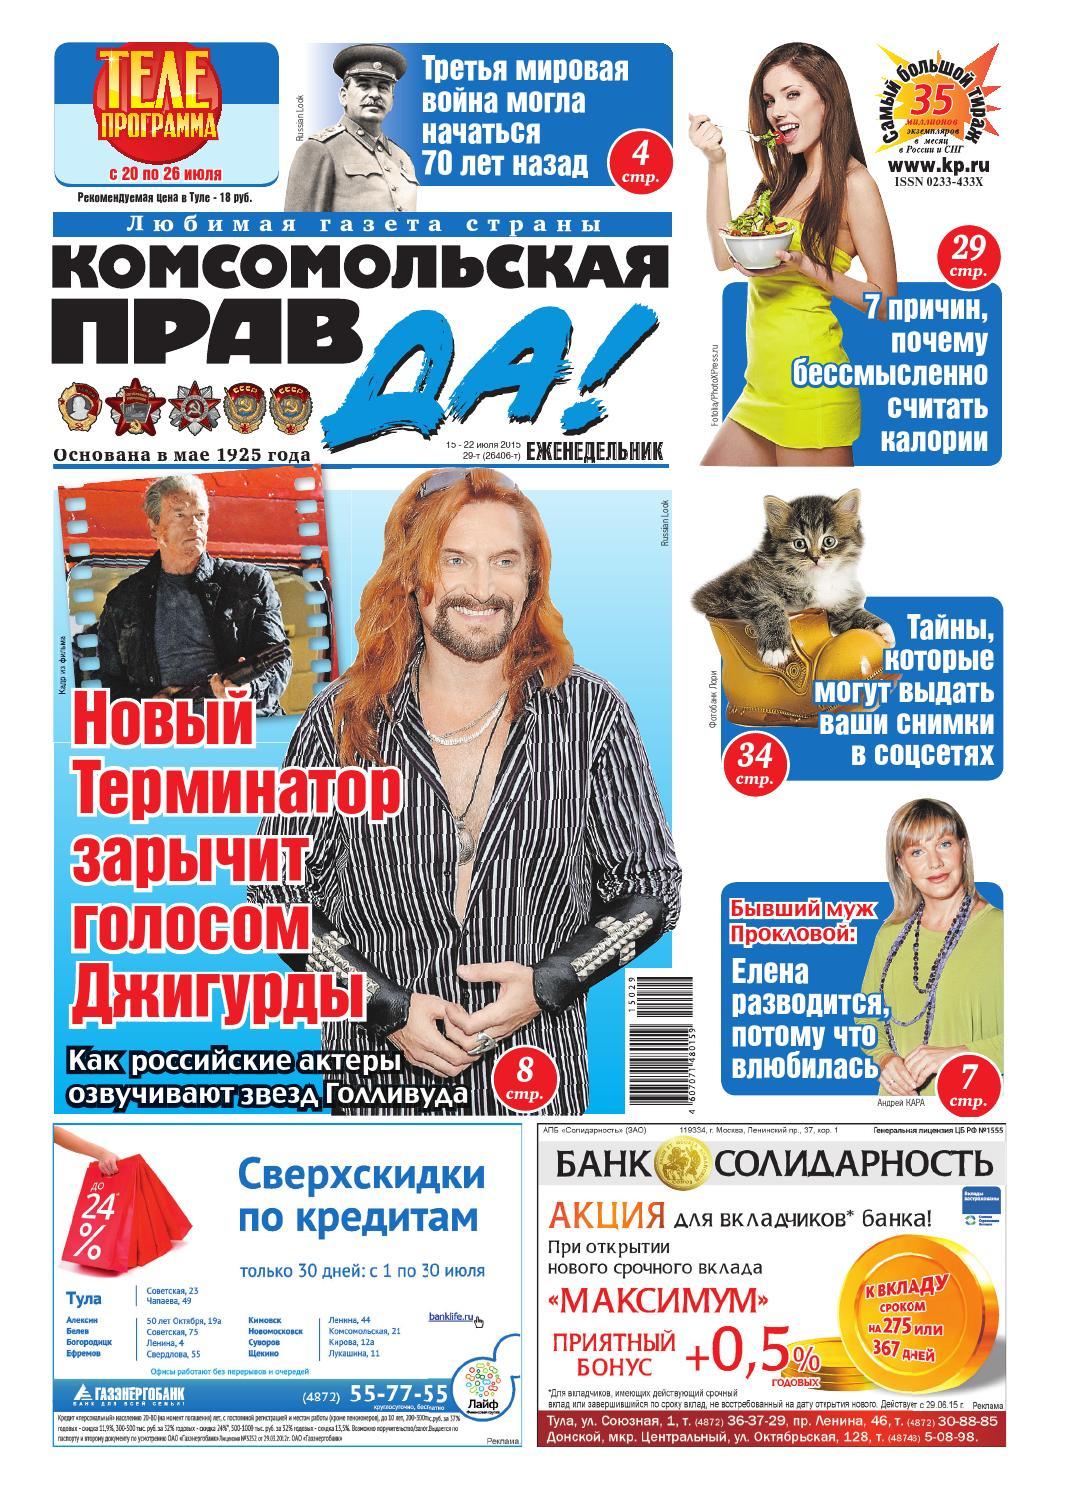 Kpt150701 color tula by KP-Tula - issuu